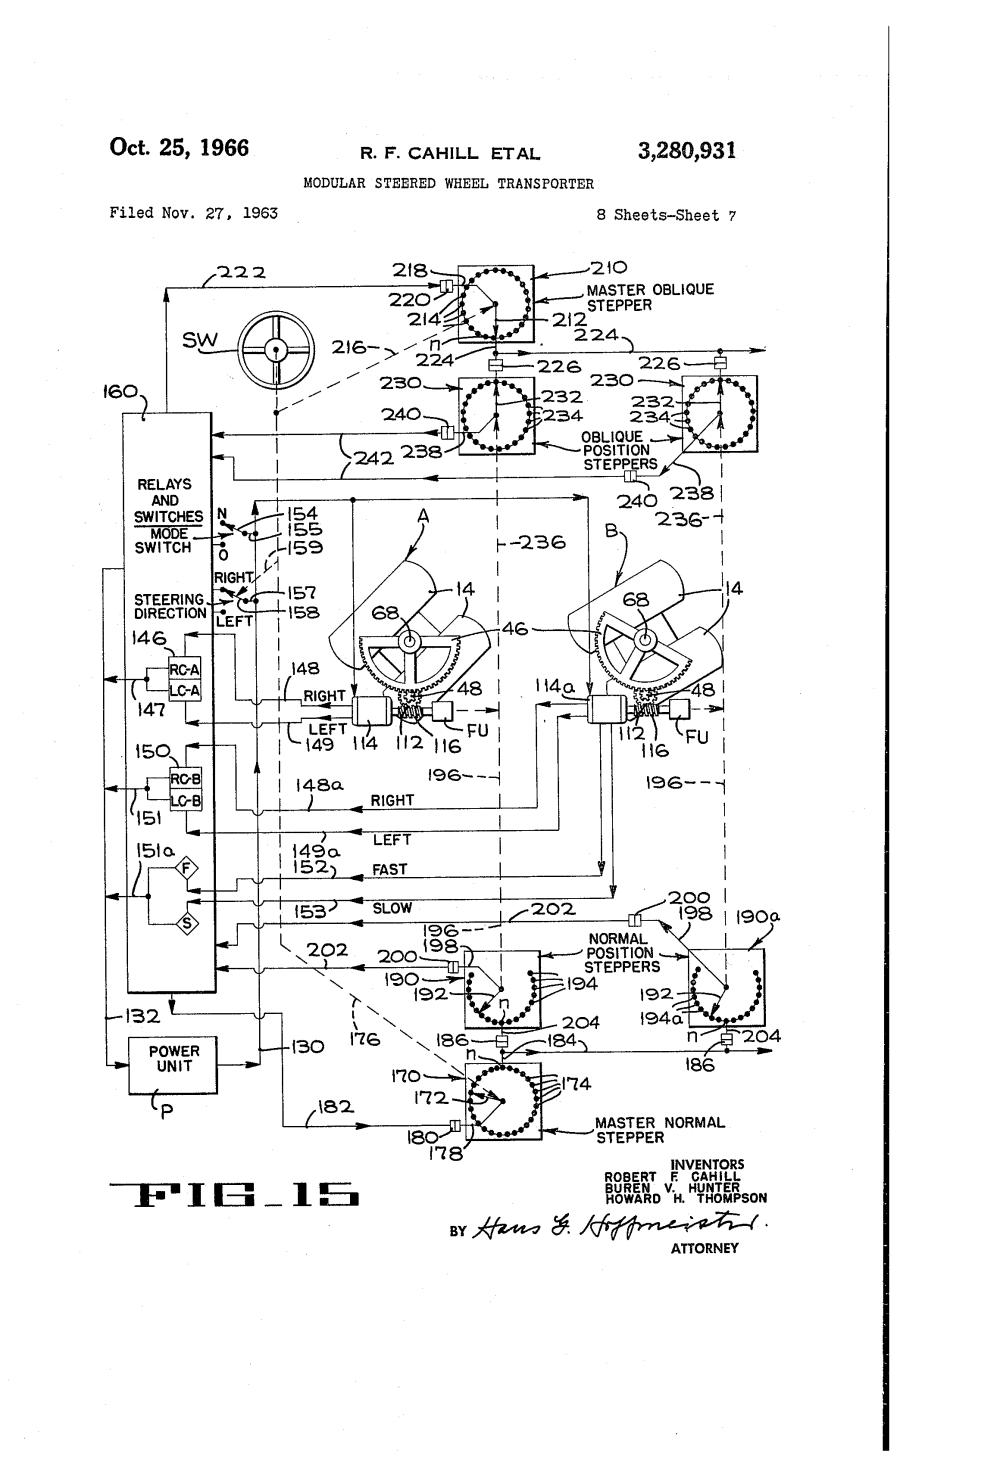 medium resolution of us3280931 6 patent us3280931 modular steered wheel transporter google patents kone crane wiring diagram at cita